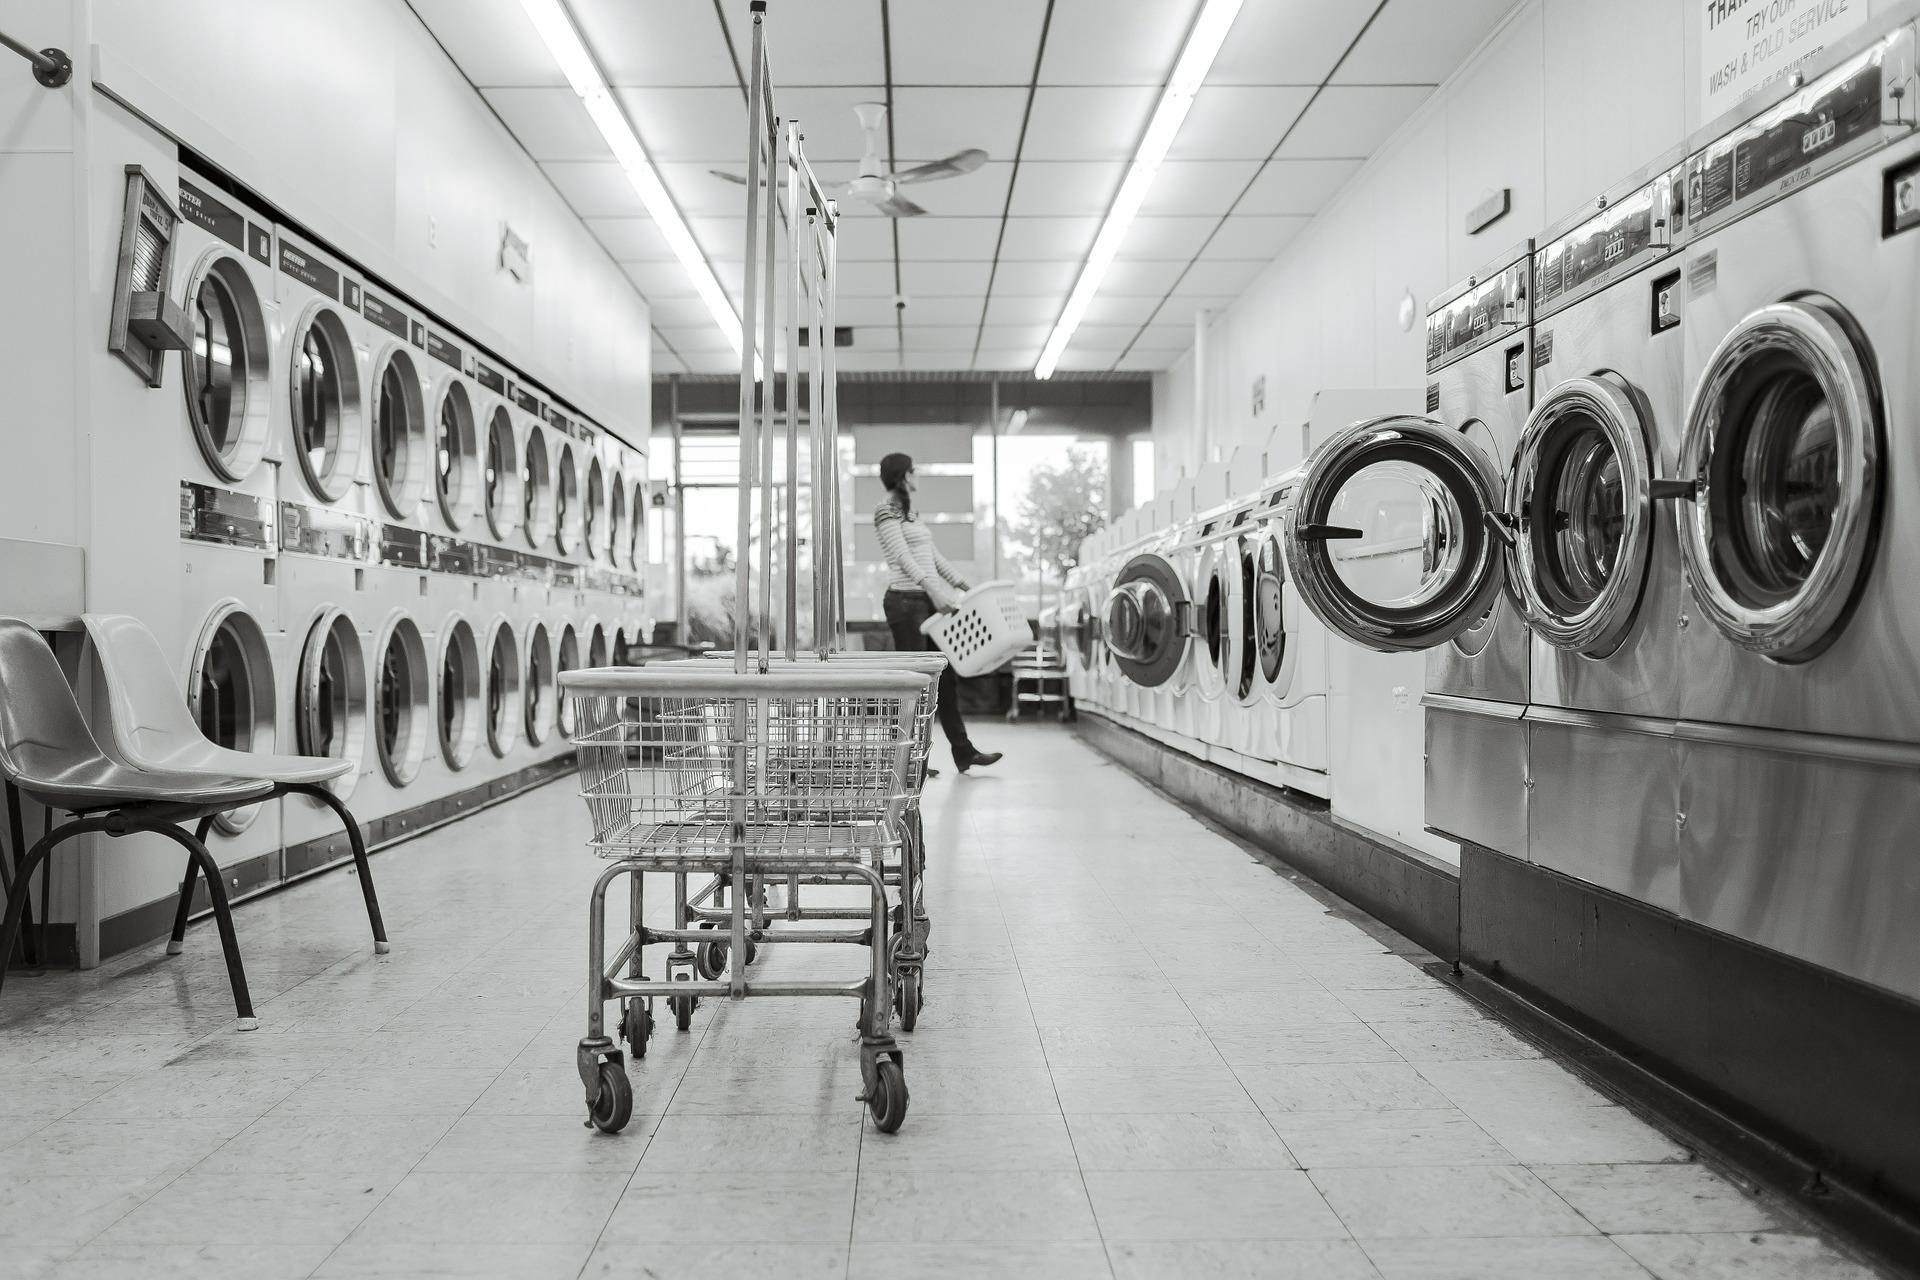 Waschmaschinen in einem Waschsalon, eine Frau hält einen Waschkorb.